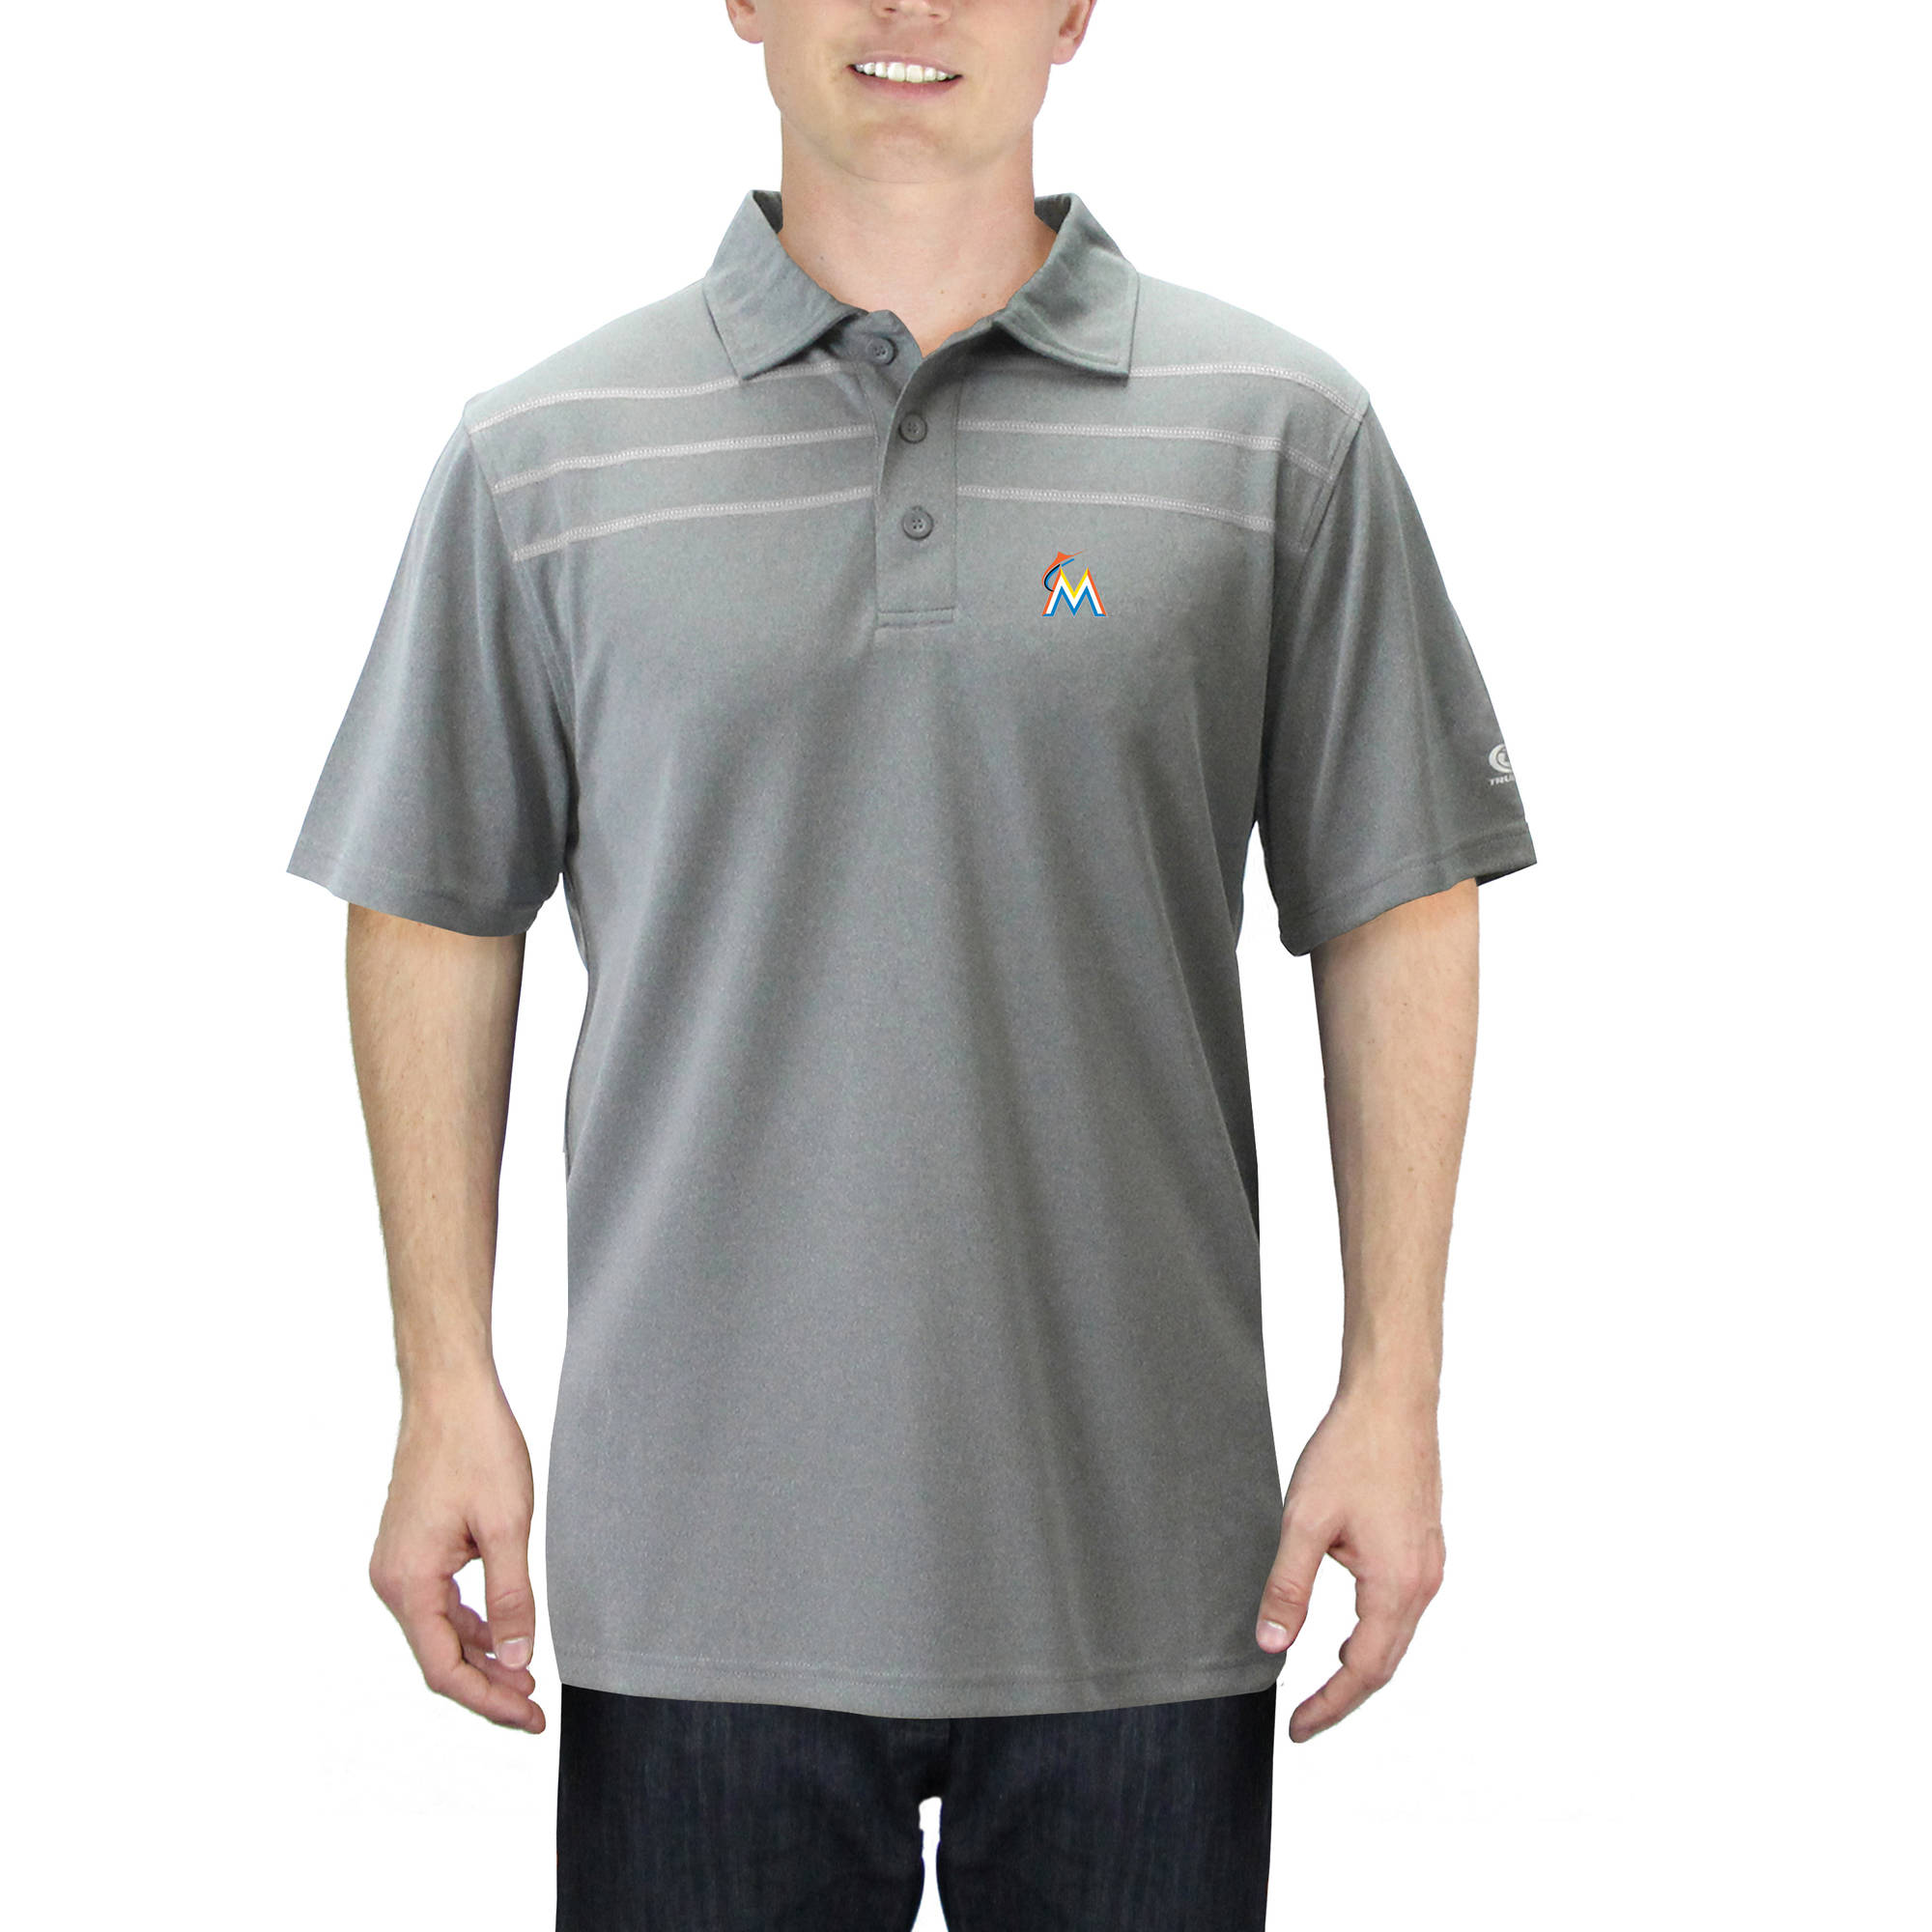 MLB Florida Marlins Men's Mini Pique Short Sleeve Polo